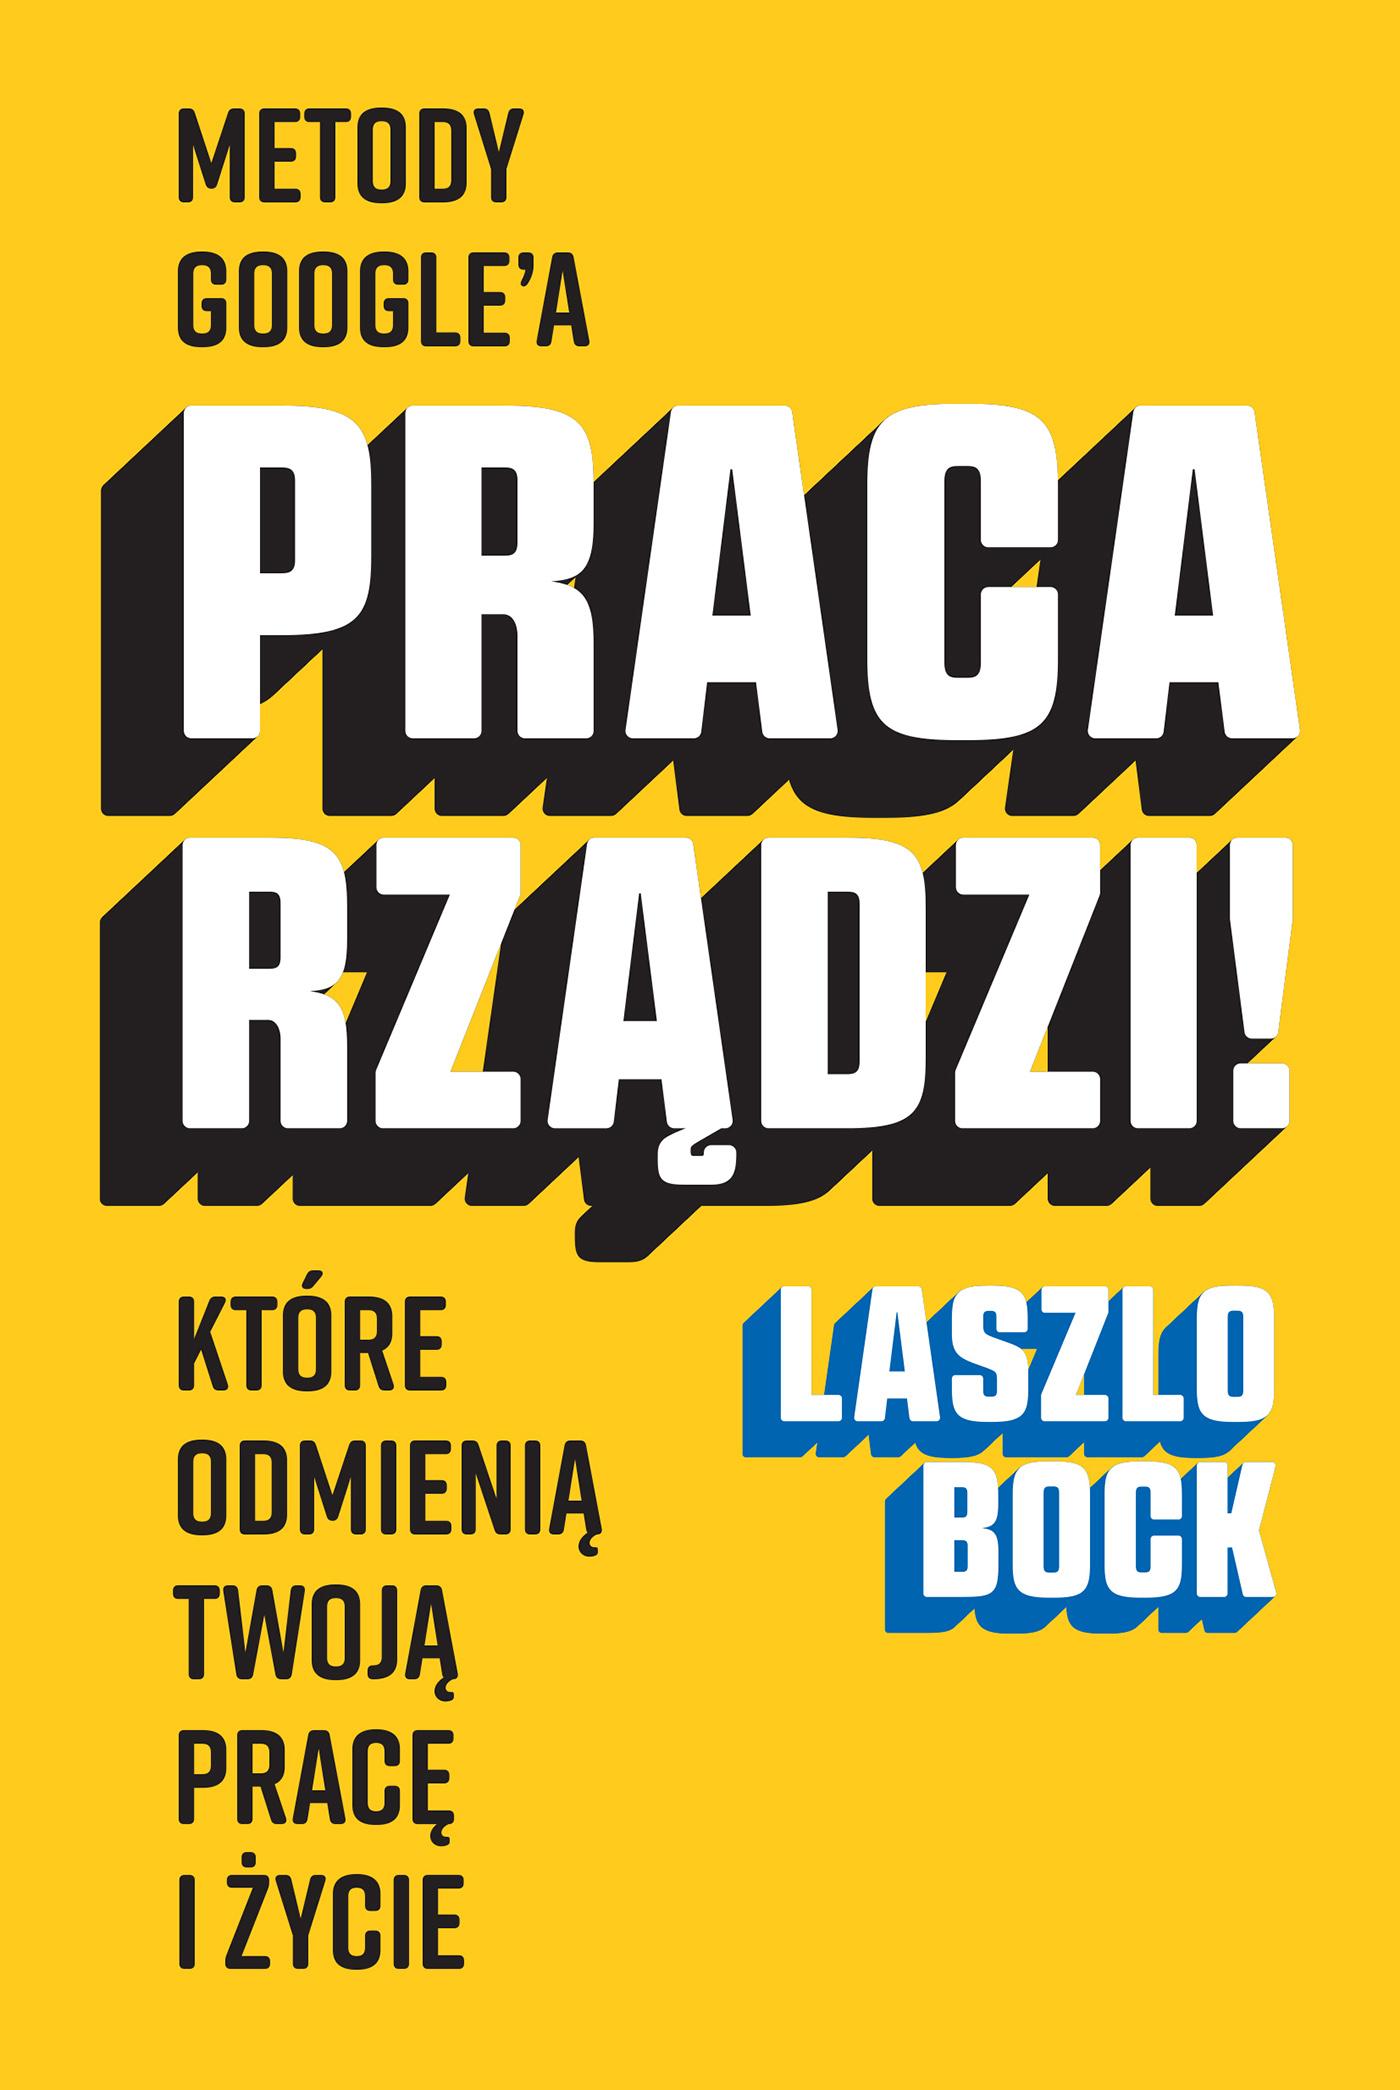 Laszlo Bock Praca rządzi! недорого